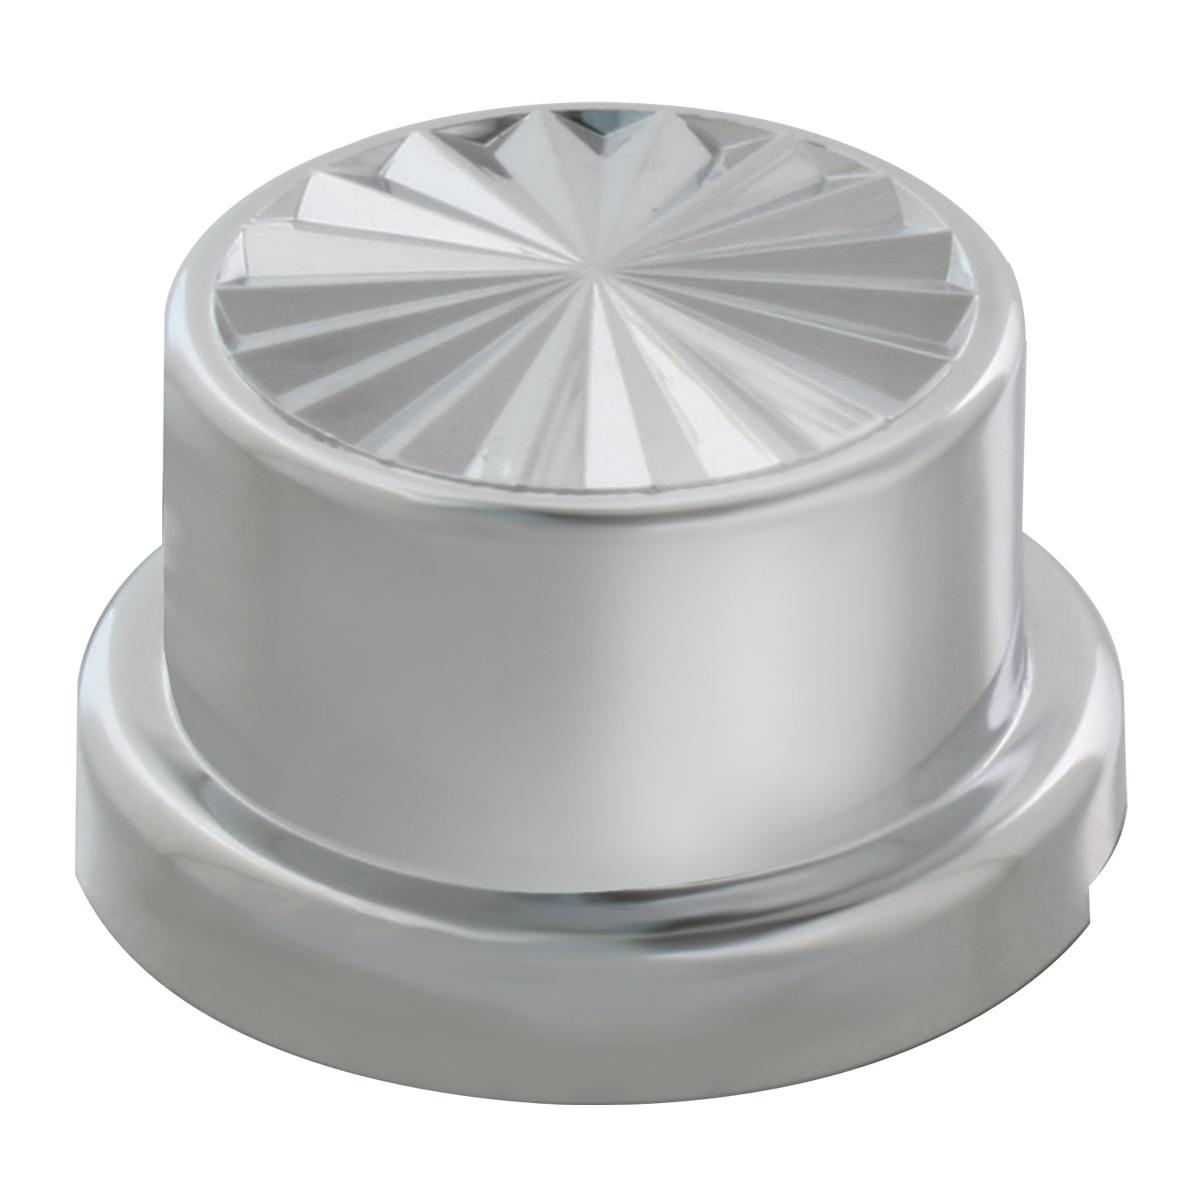 10065 Chrome Plastic Push-On Pinwheel Style Round Lug Nut Cover